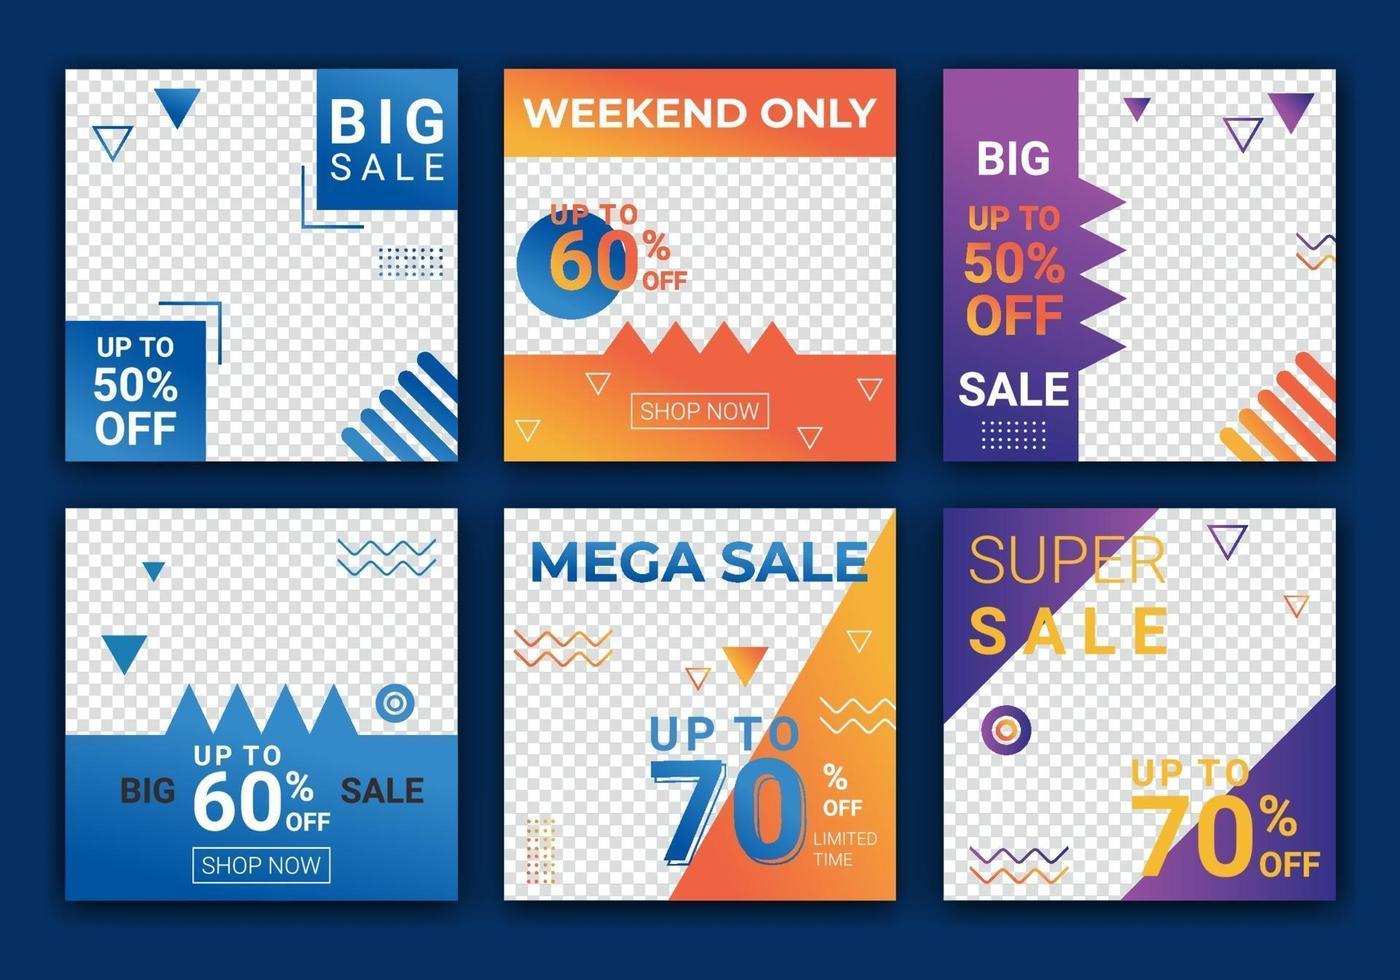 uppsättning redigerbar fyrkantig banner mall design för mode försäljning post på ig. webbbannerannonser för marknadsföringsdesign med blå, orange och lila färg. mall för försäljningsbanneradversiter. vektor illustration